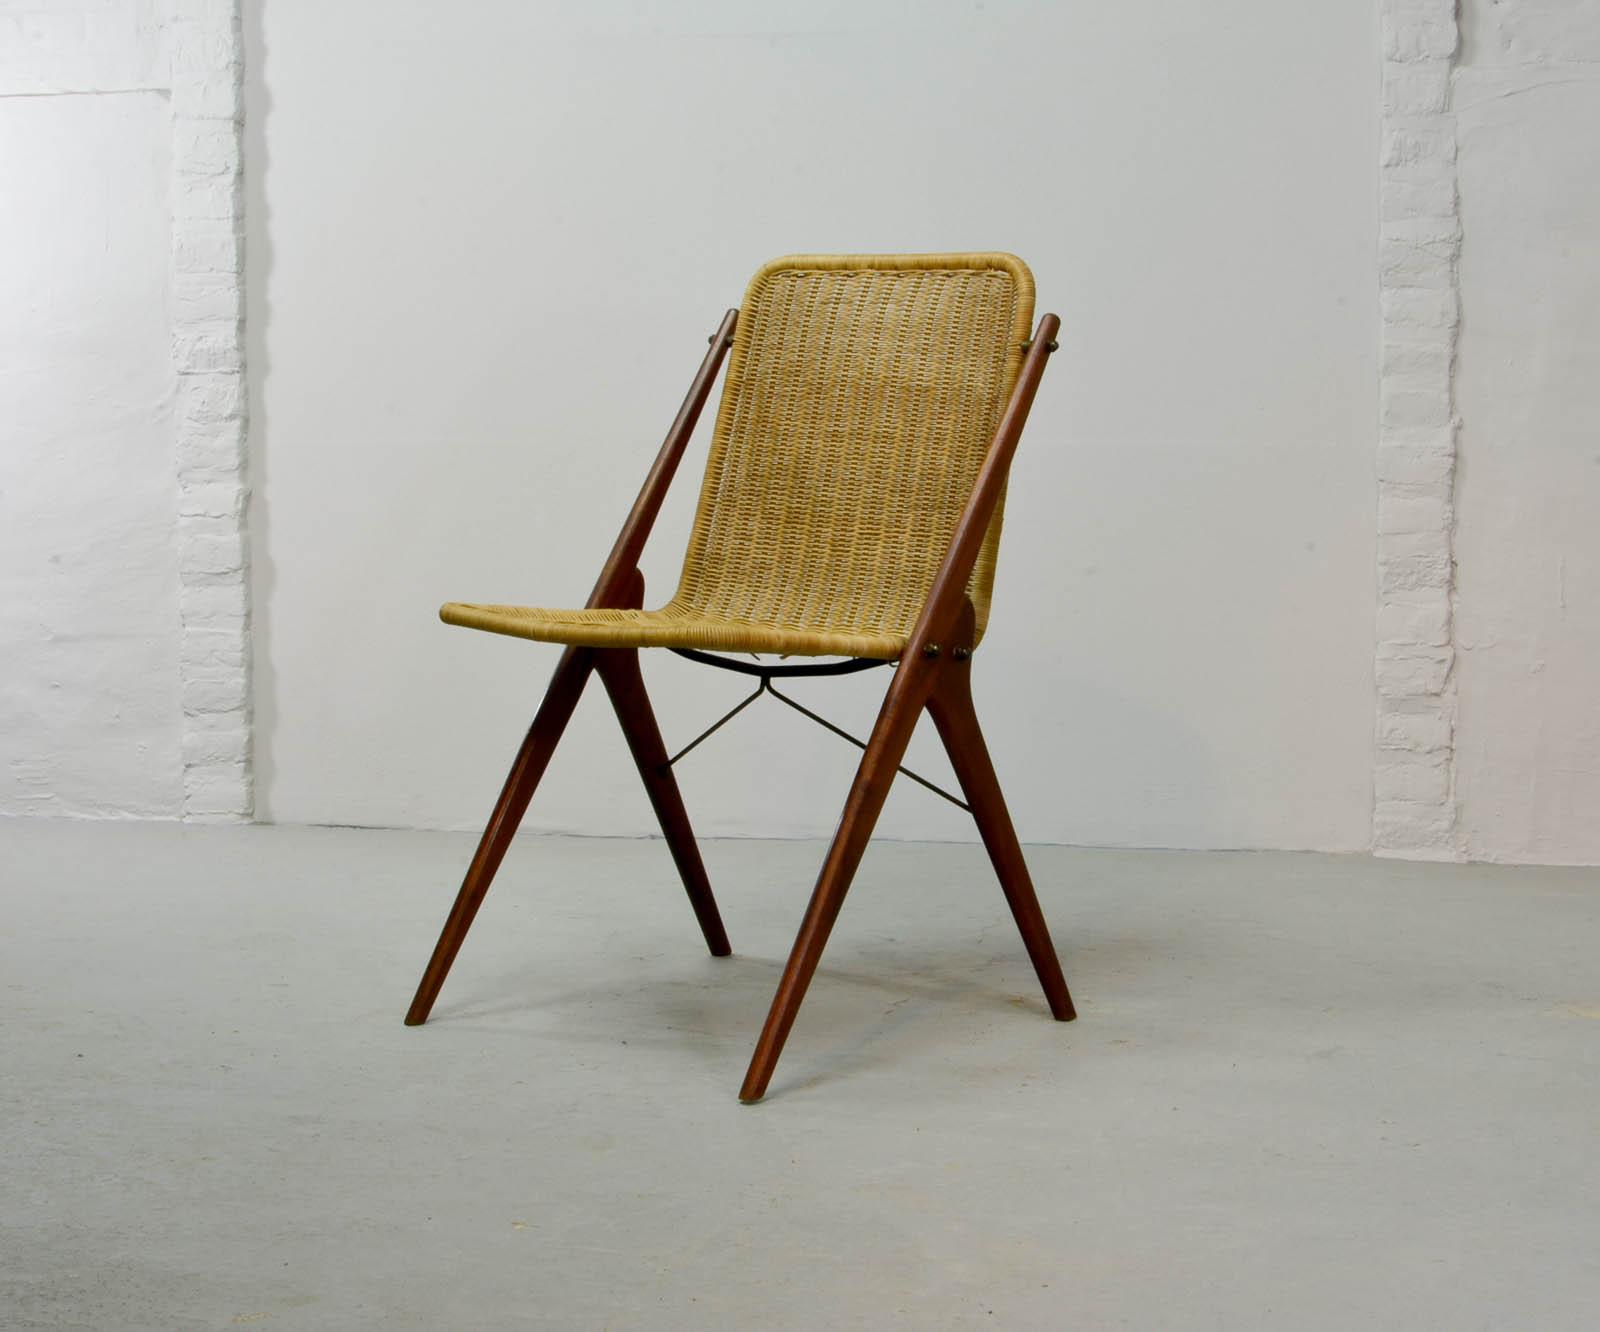 Teakholz Sthle Simple Teak Folding Shower Seat Style With